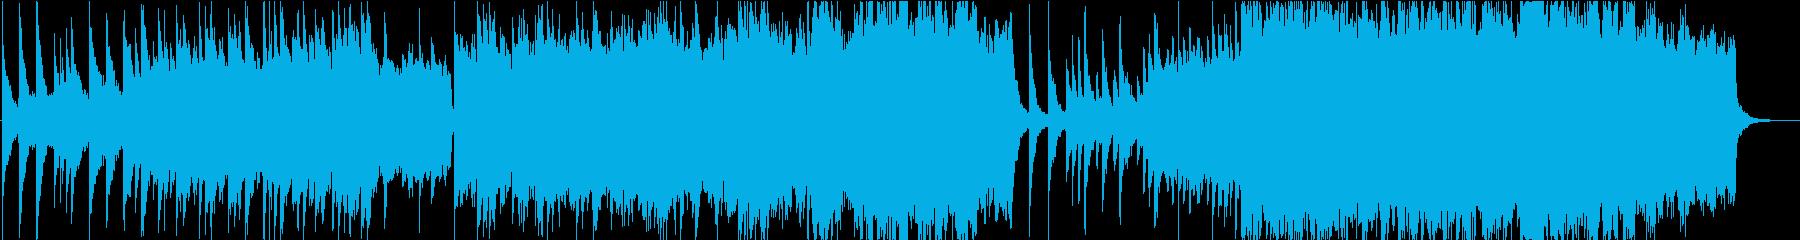 ピアノ主旋律のレクイエムの再生済みの波形